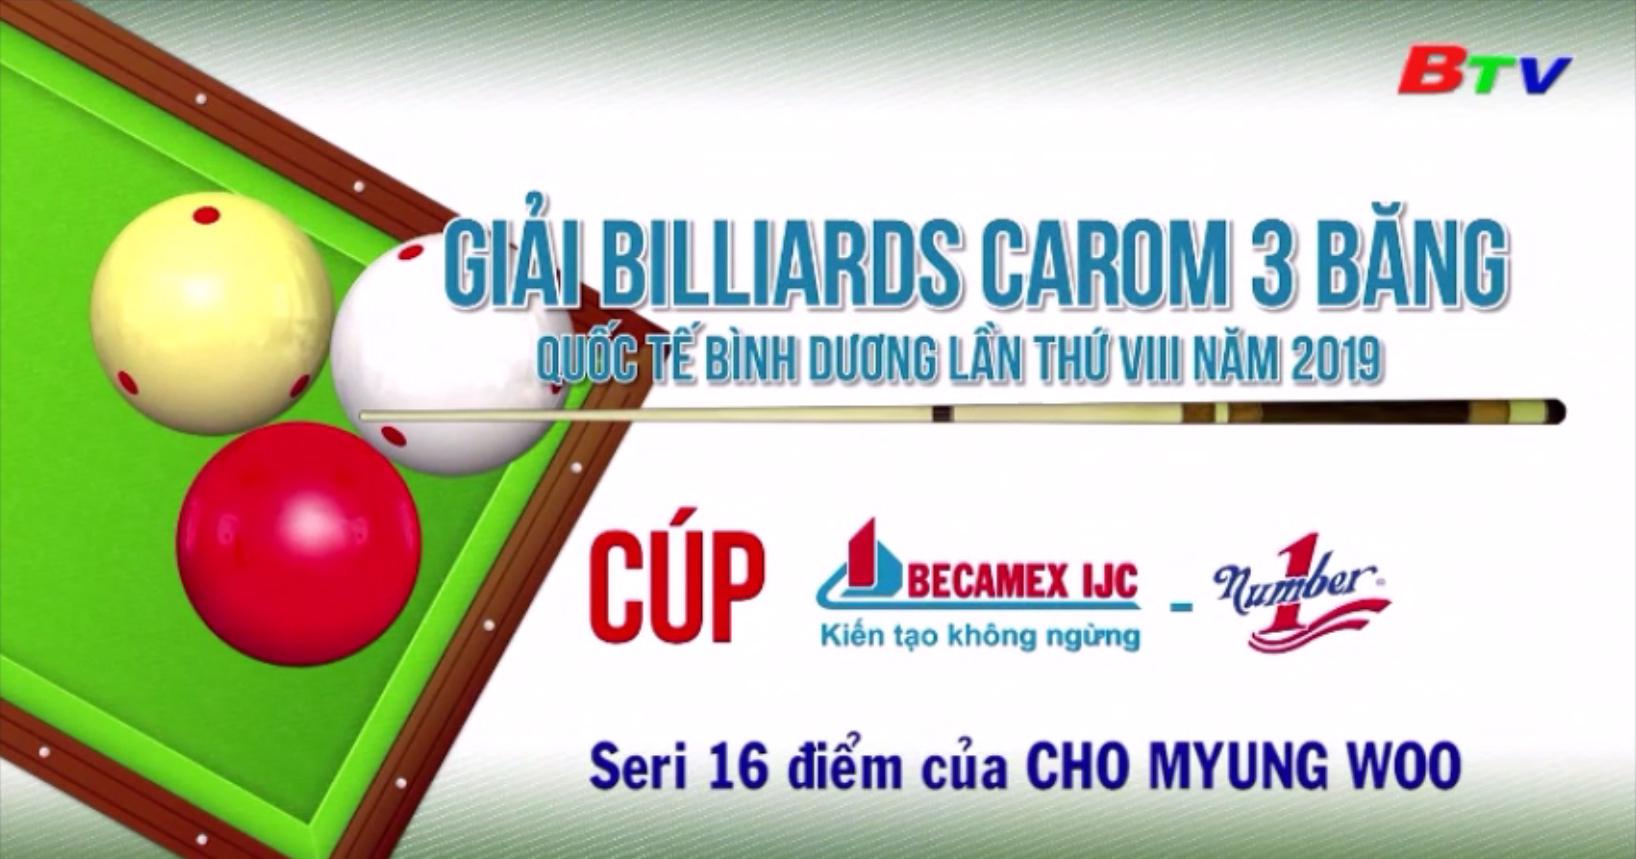 Seri 16 điểm của Cho Myung Woo tại Giải Billiards Carom 3 băng QTBD 2019